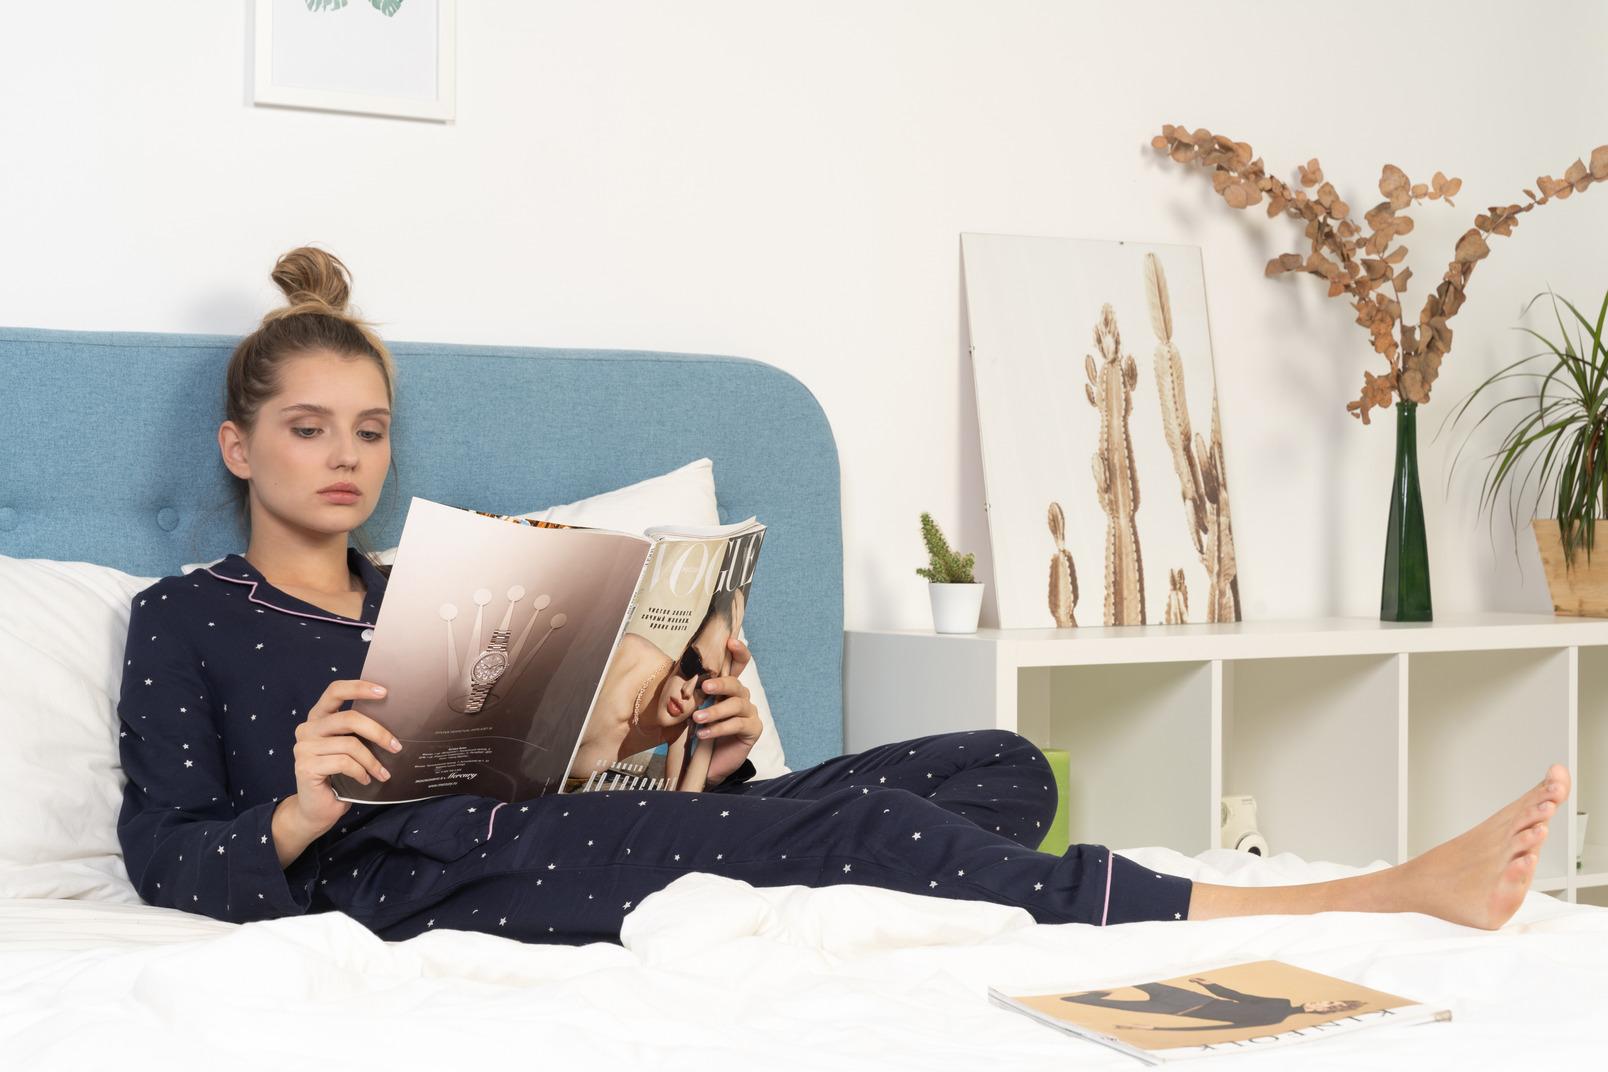 De cuerpo entero de una mujer joven en pijama acostado en la cama mientras lee una revista de moda